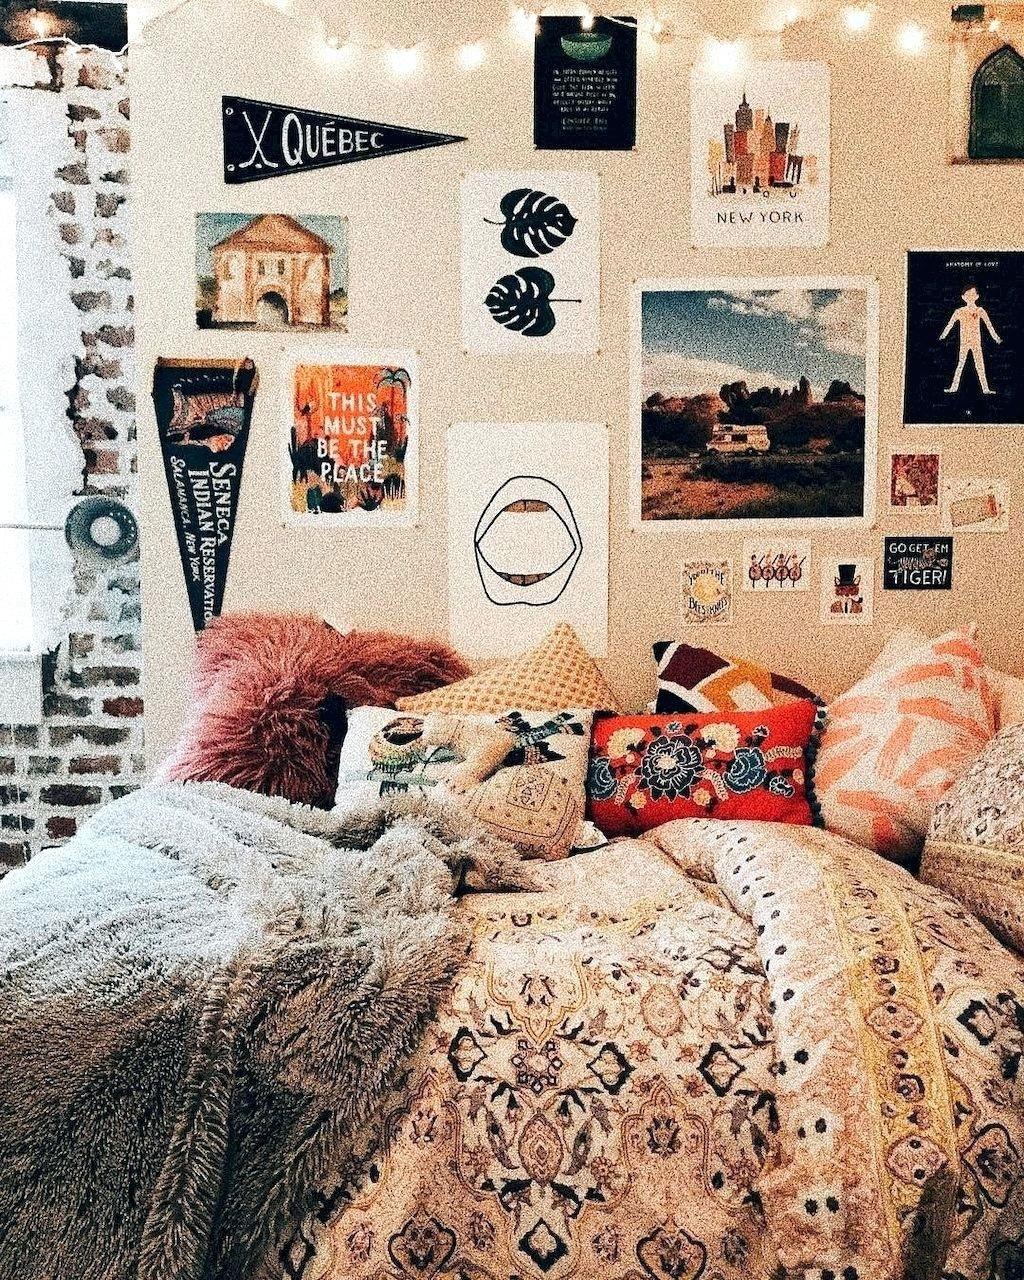 Best Dorm Room Wall Decorating Ideas Dormroom Cute Dorm Rooms